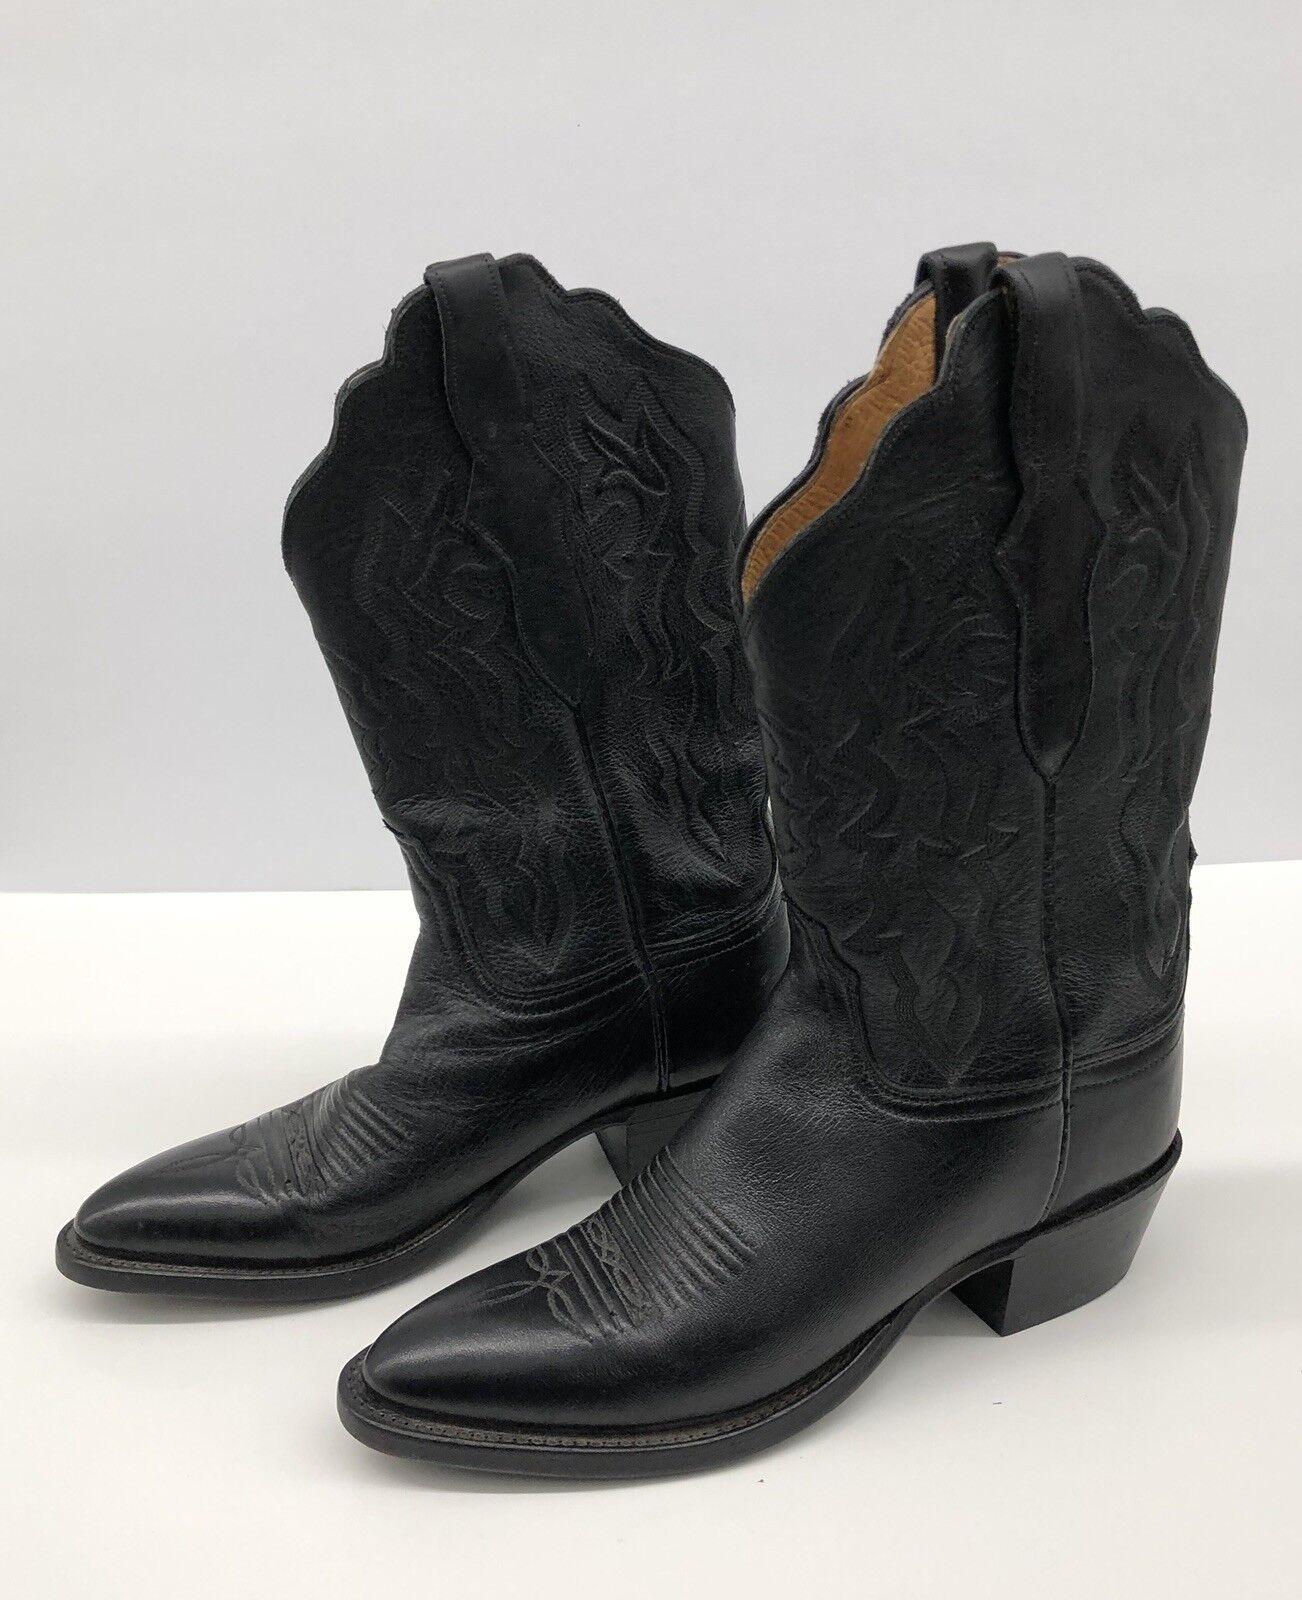 Lucchese piel de becerro occidental de Cuero Cuero Cuero Negro botas vaqueras puntiagudo para mujer Talla 6.5 7ca763